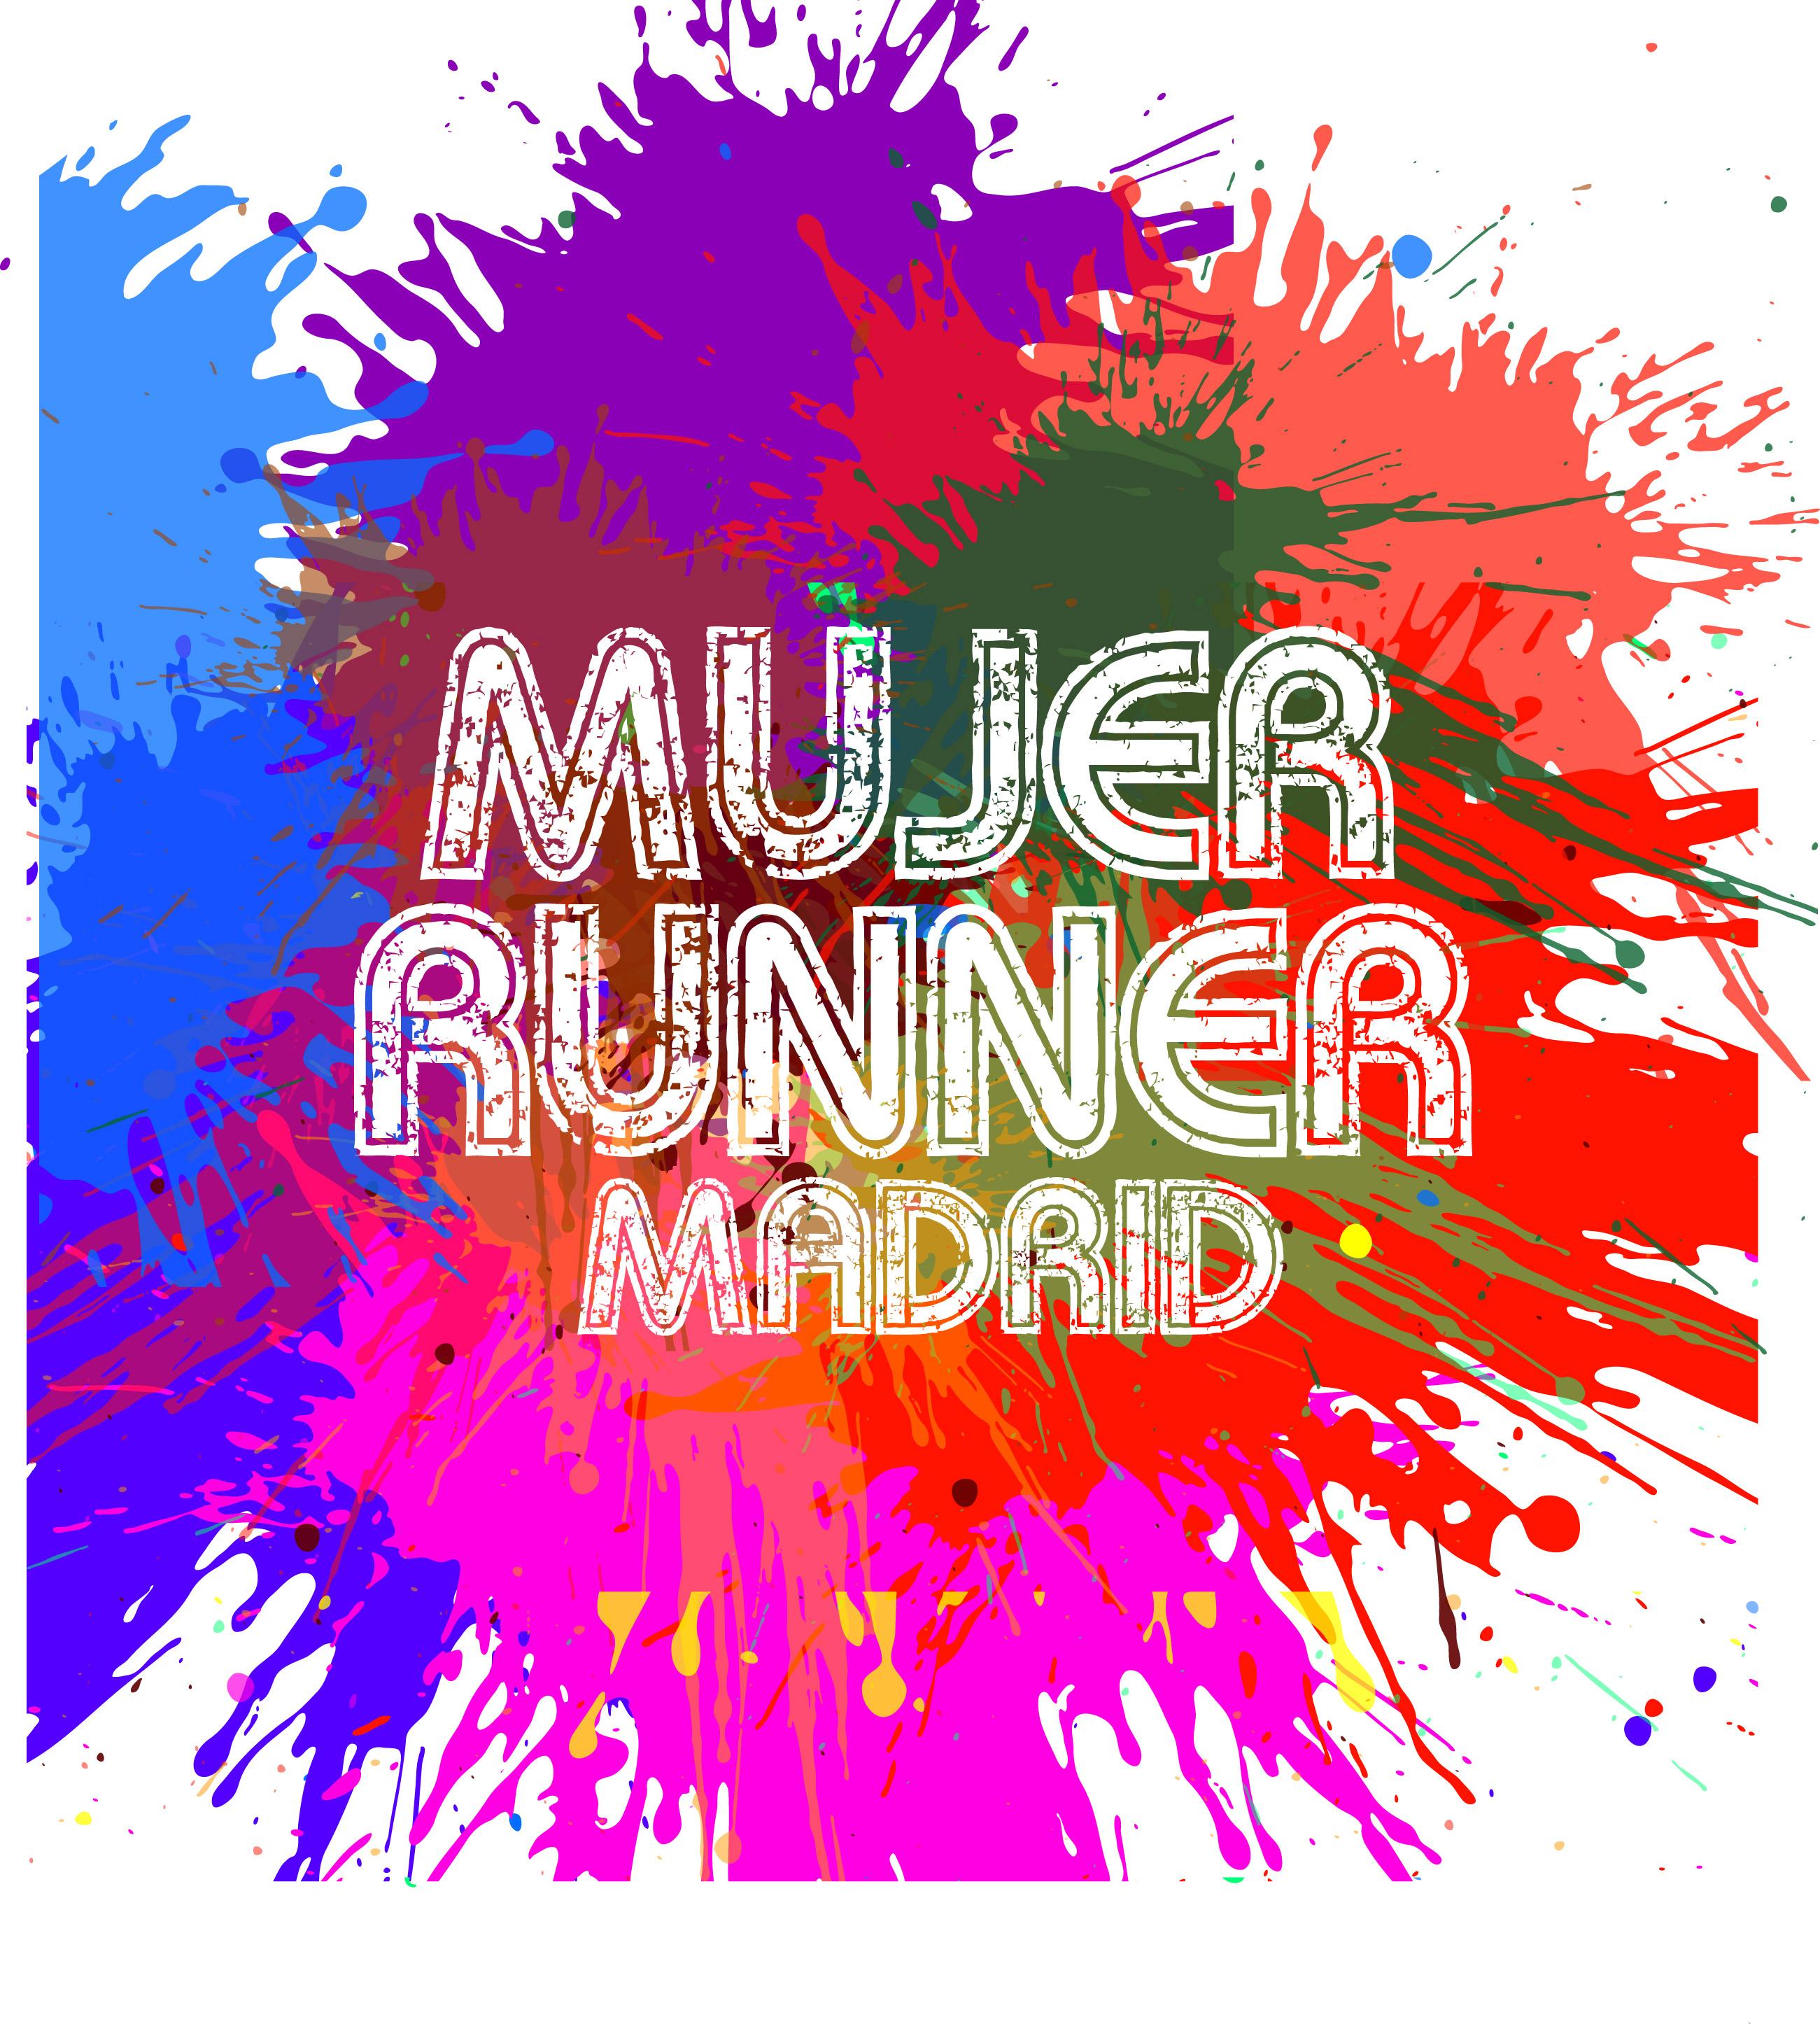 Comienza Mujer Runner Madrid,¿te apuntas?